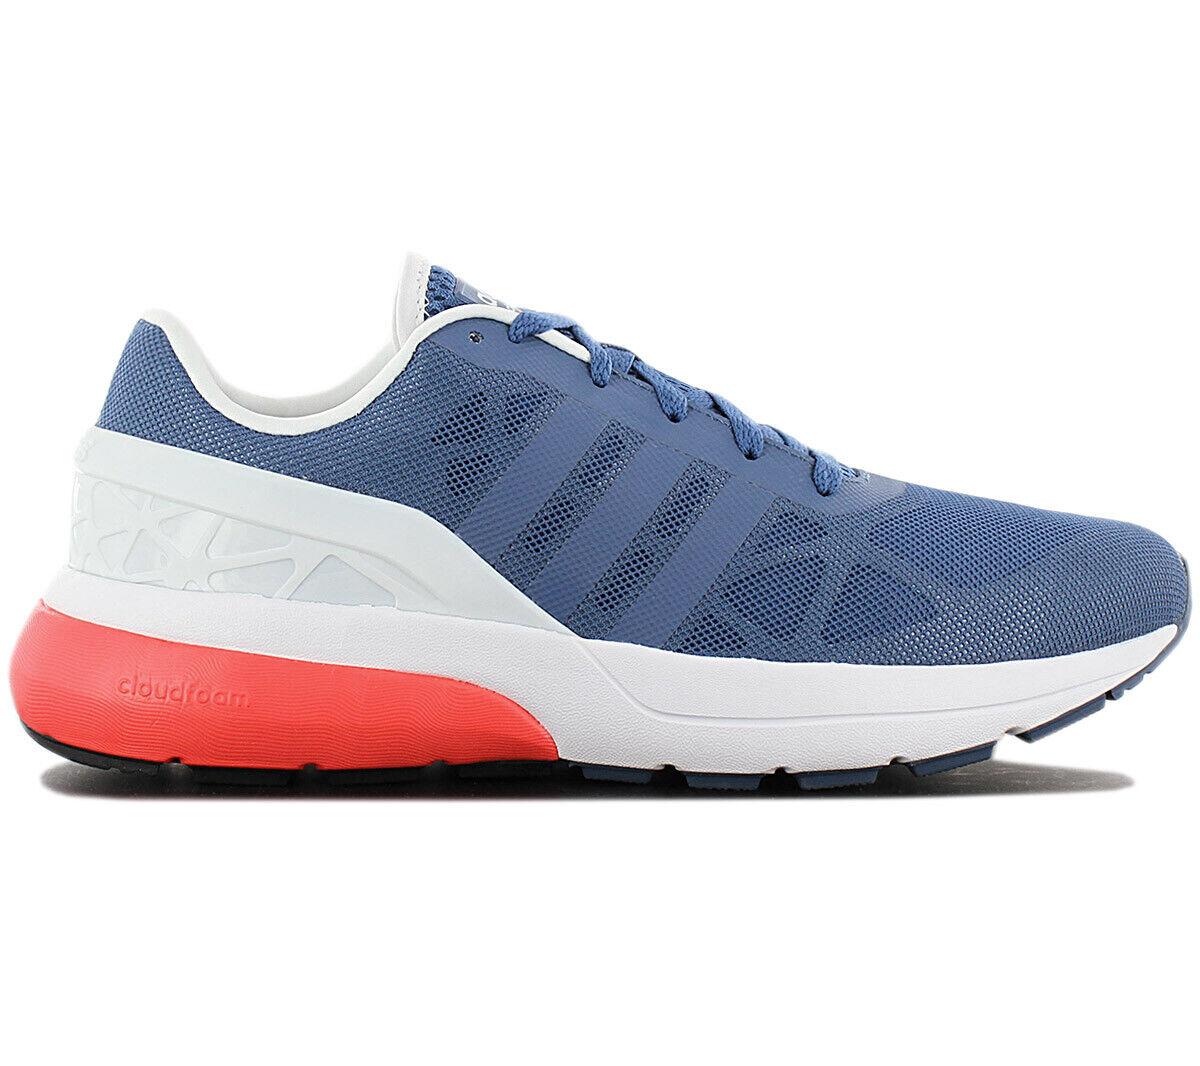 Adidas cloudfoam Flow zapatos  caballero aq1314 azul calzado deportivo zapatillas para correr fitness  vendiendo bien en todo el mundo